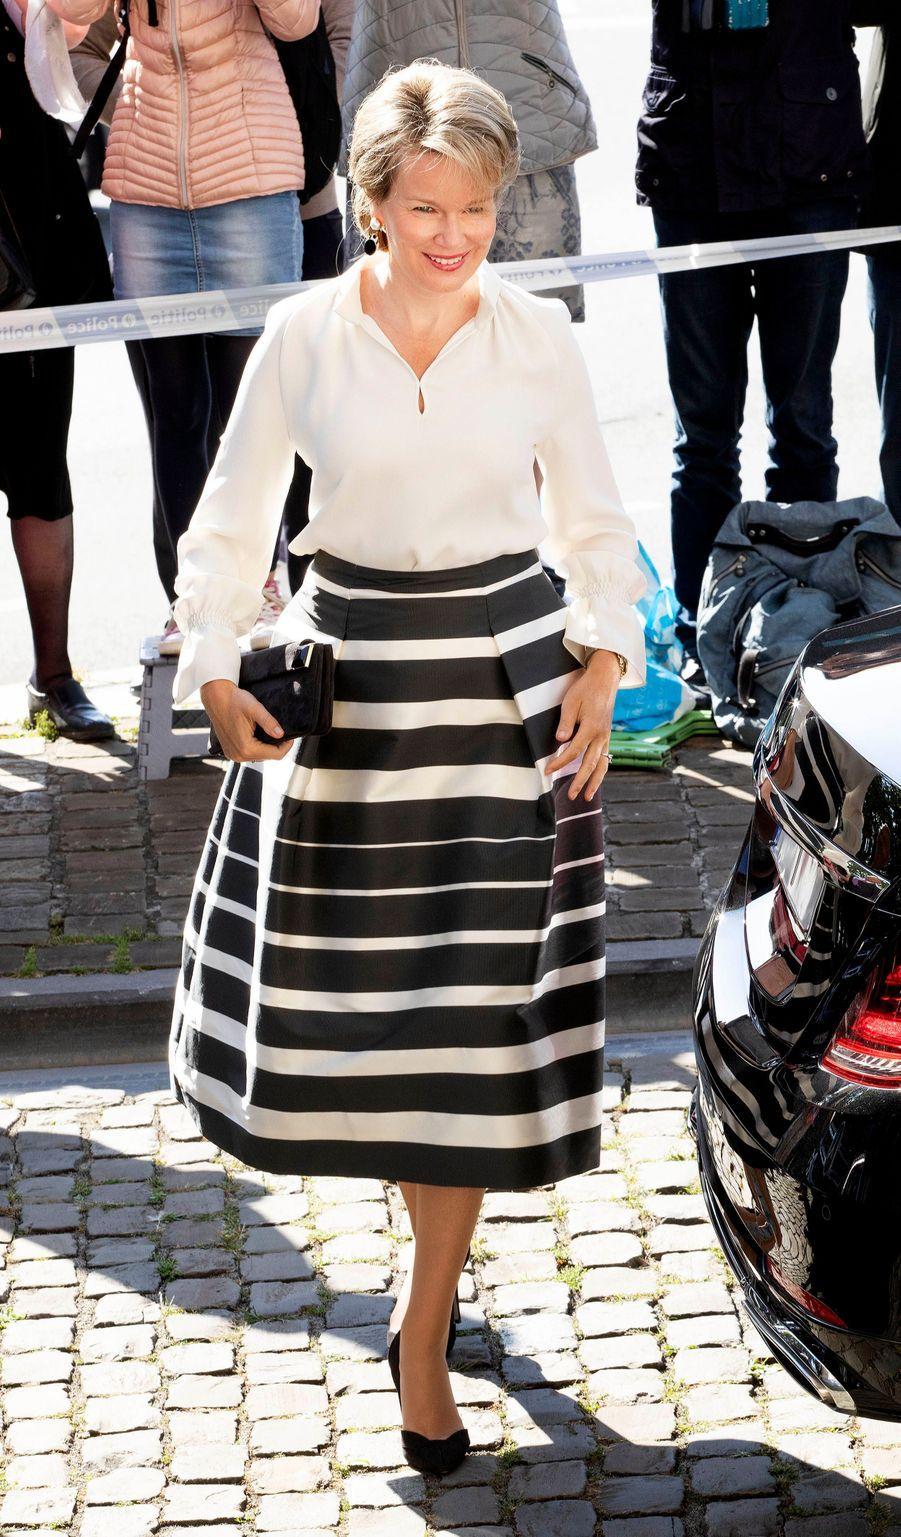 La reine Mathilde de Belgique à Laeken, le 8 septembre 2018